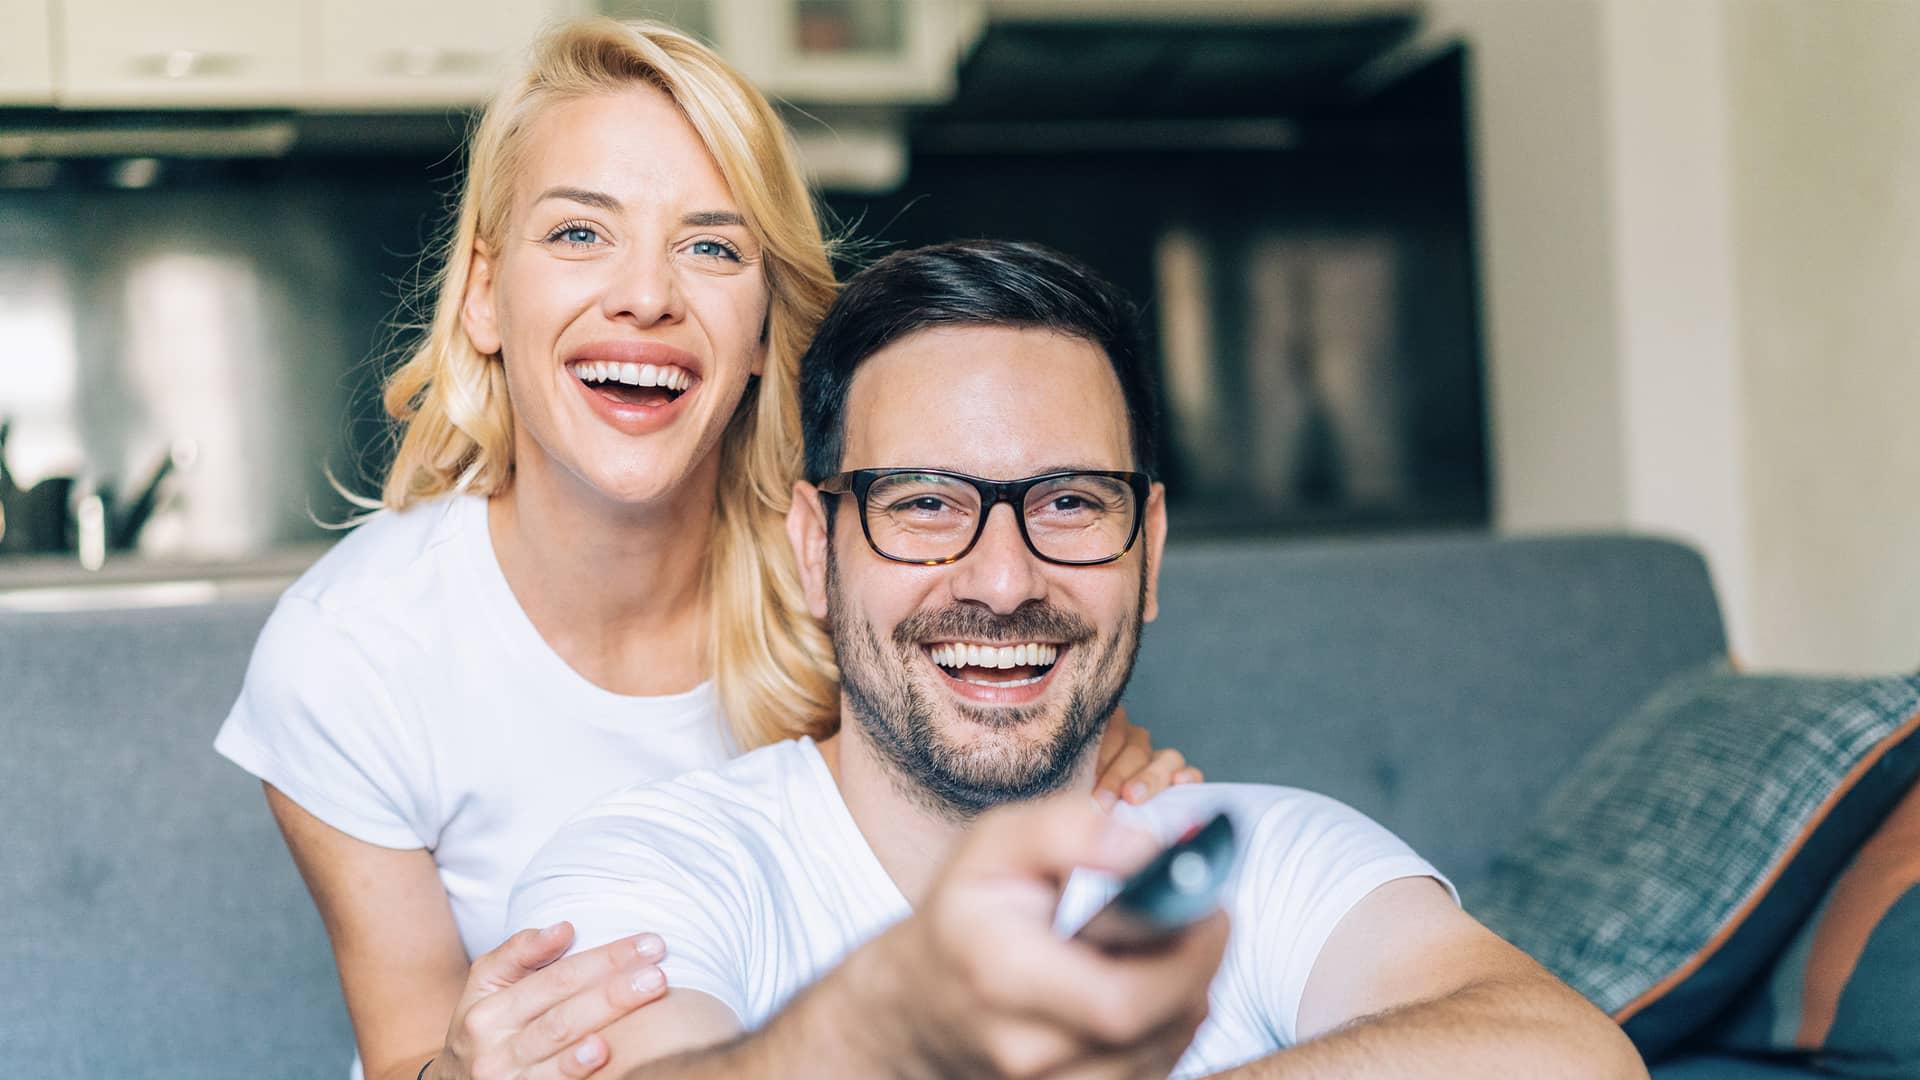 Starzplay Vodafone: qué es y cómo activarlo